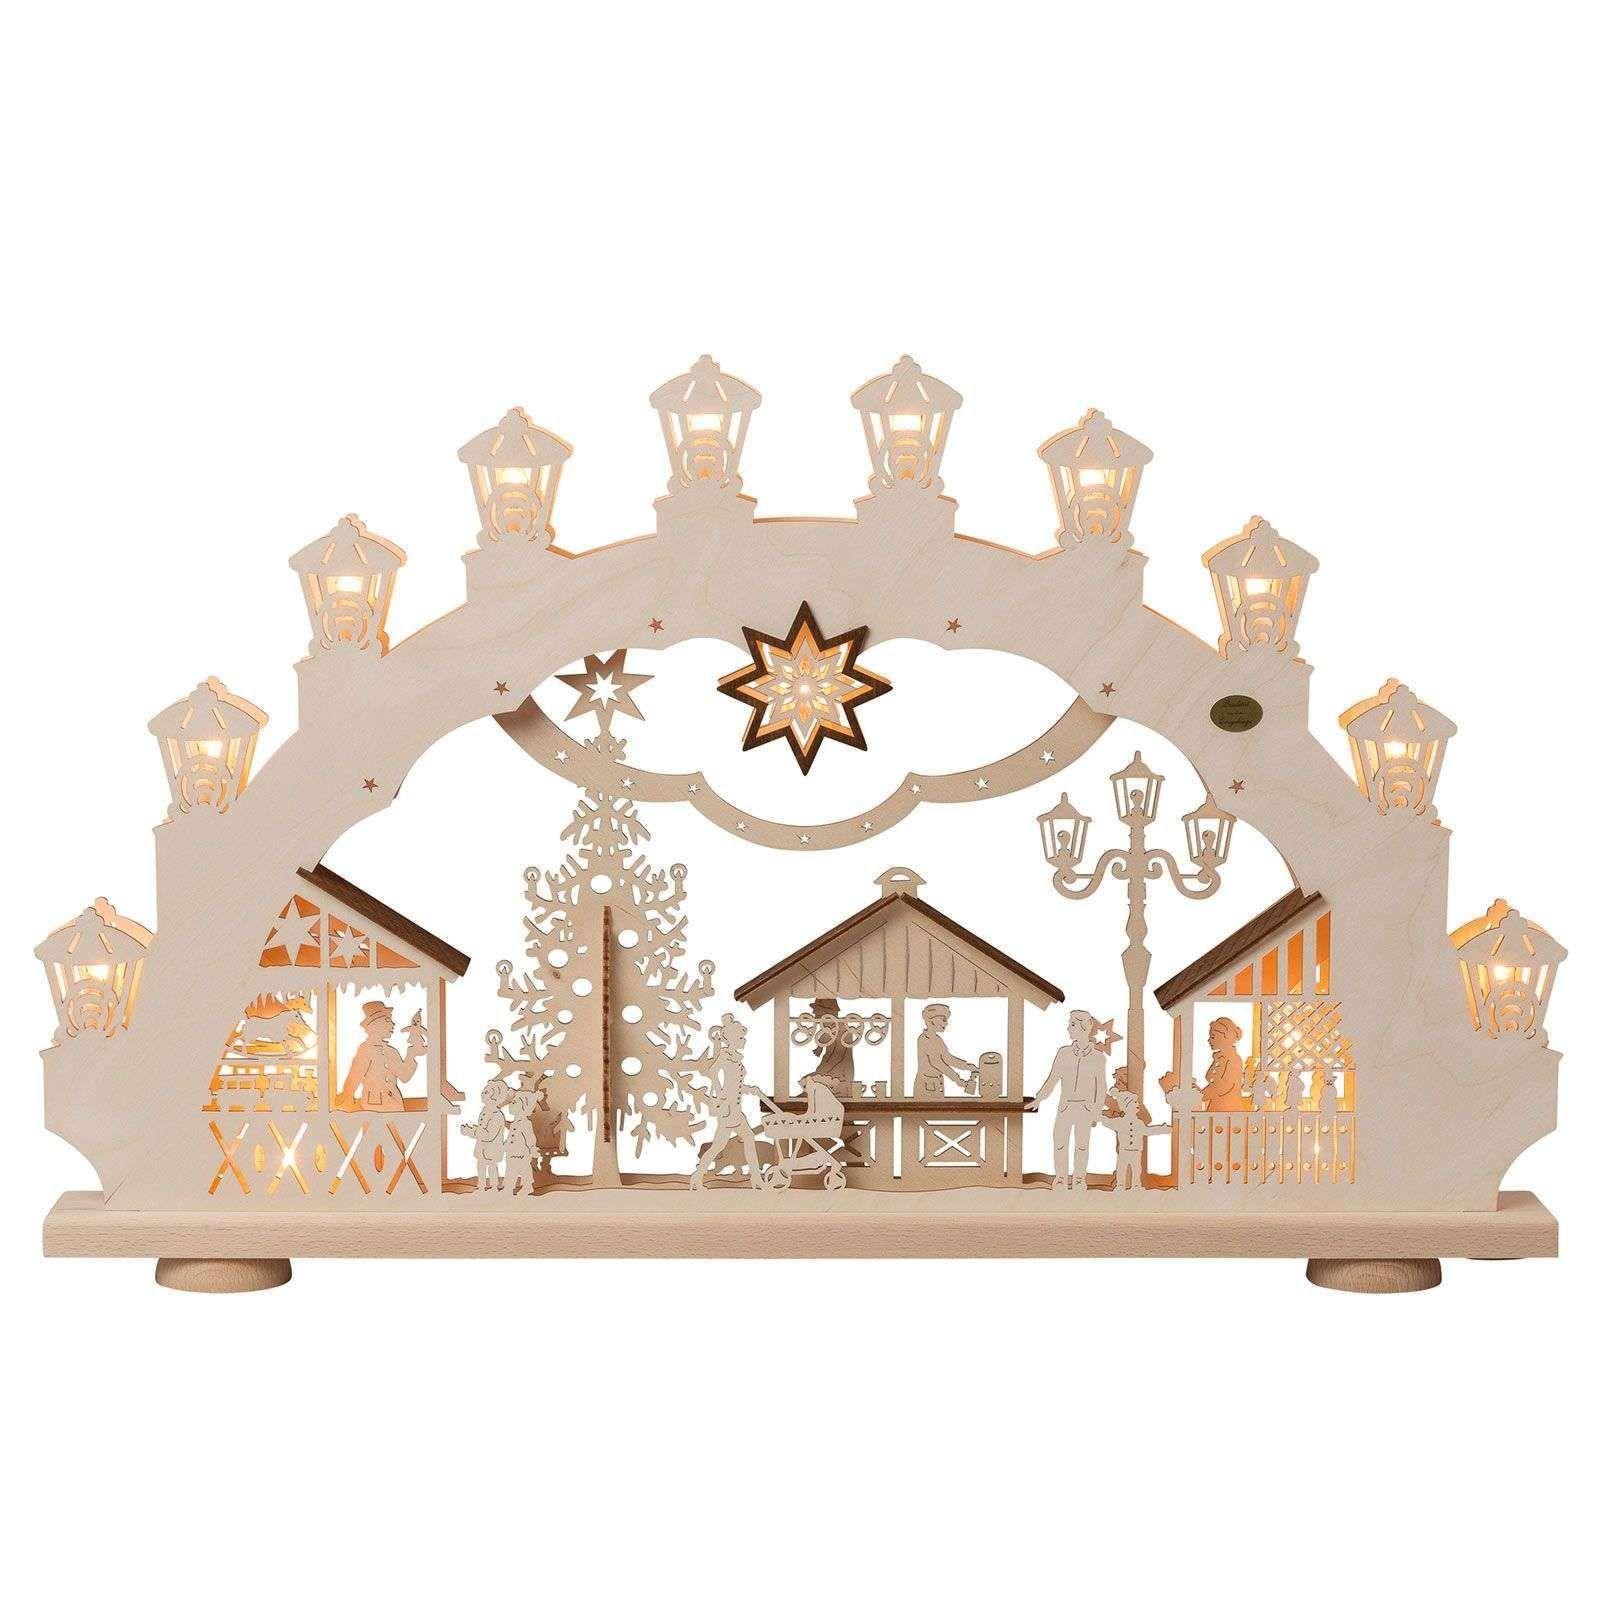 Arc lumineux Marché de Noël 3D, 2 motifs de Saico #marchédenoel Arc lumineux Marché de Noël 3D, 2 motifs de Saico #marchédenoel